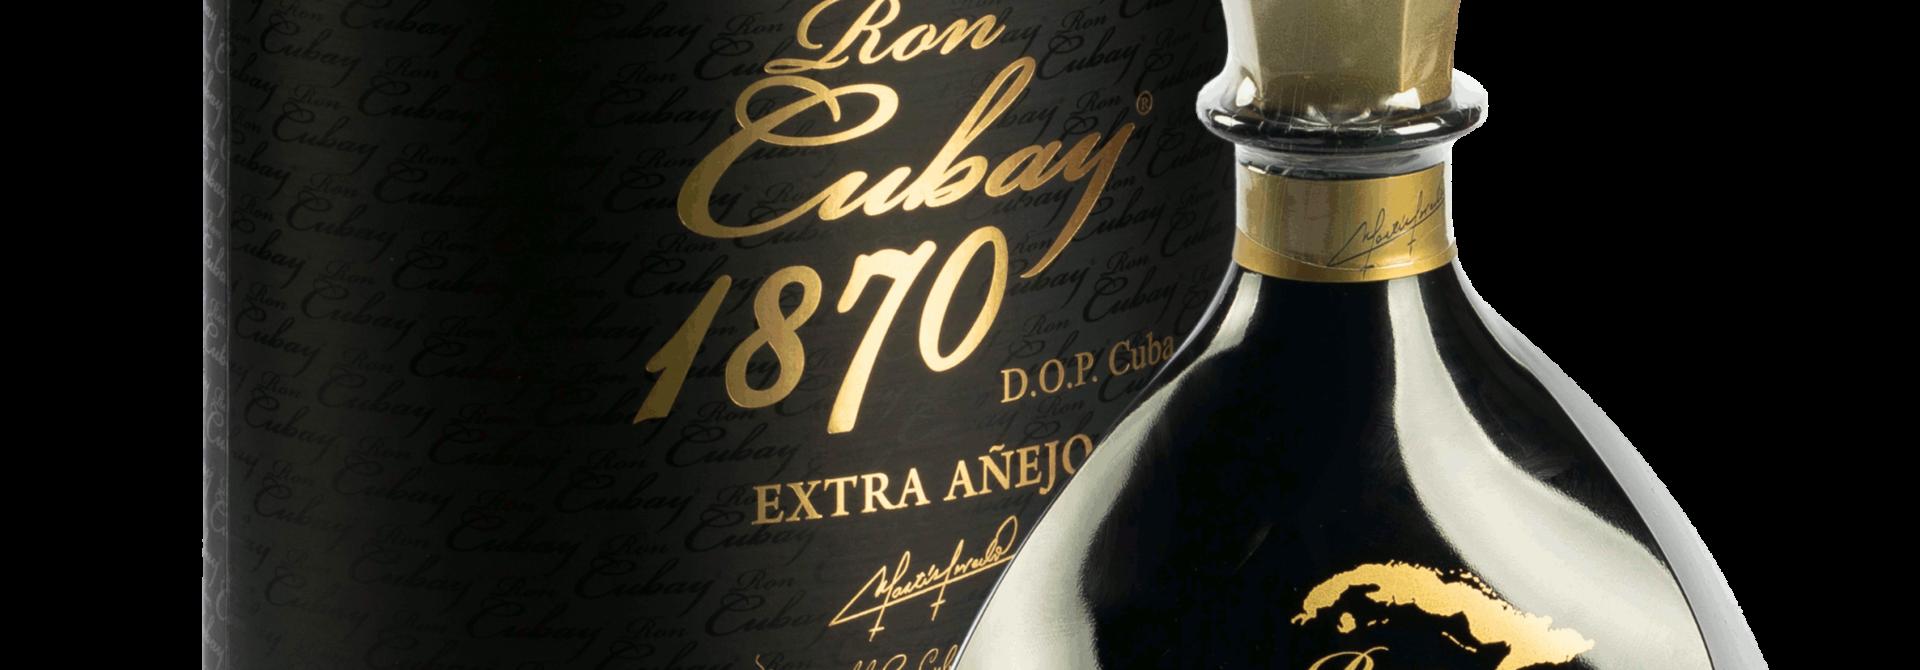 Ron Cubay 1870 Extra Añejo 18 Years